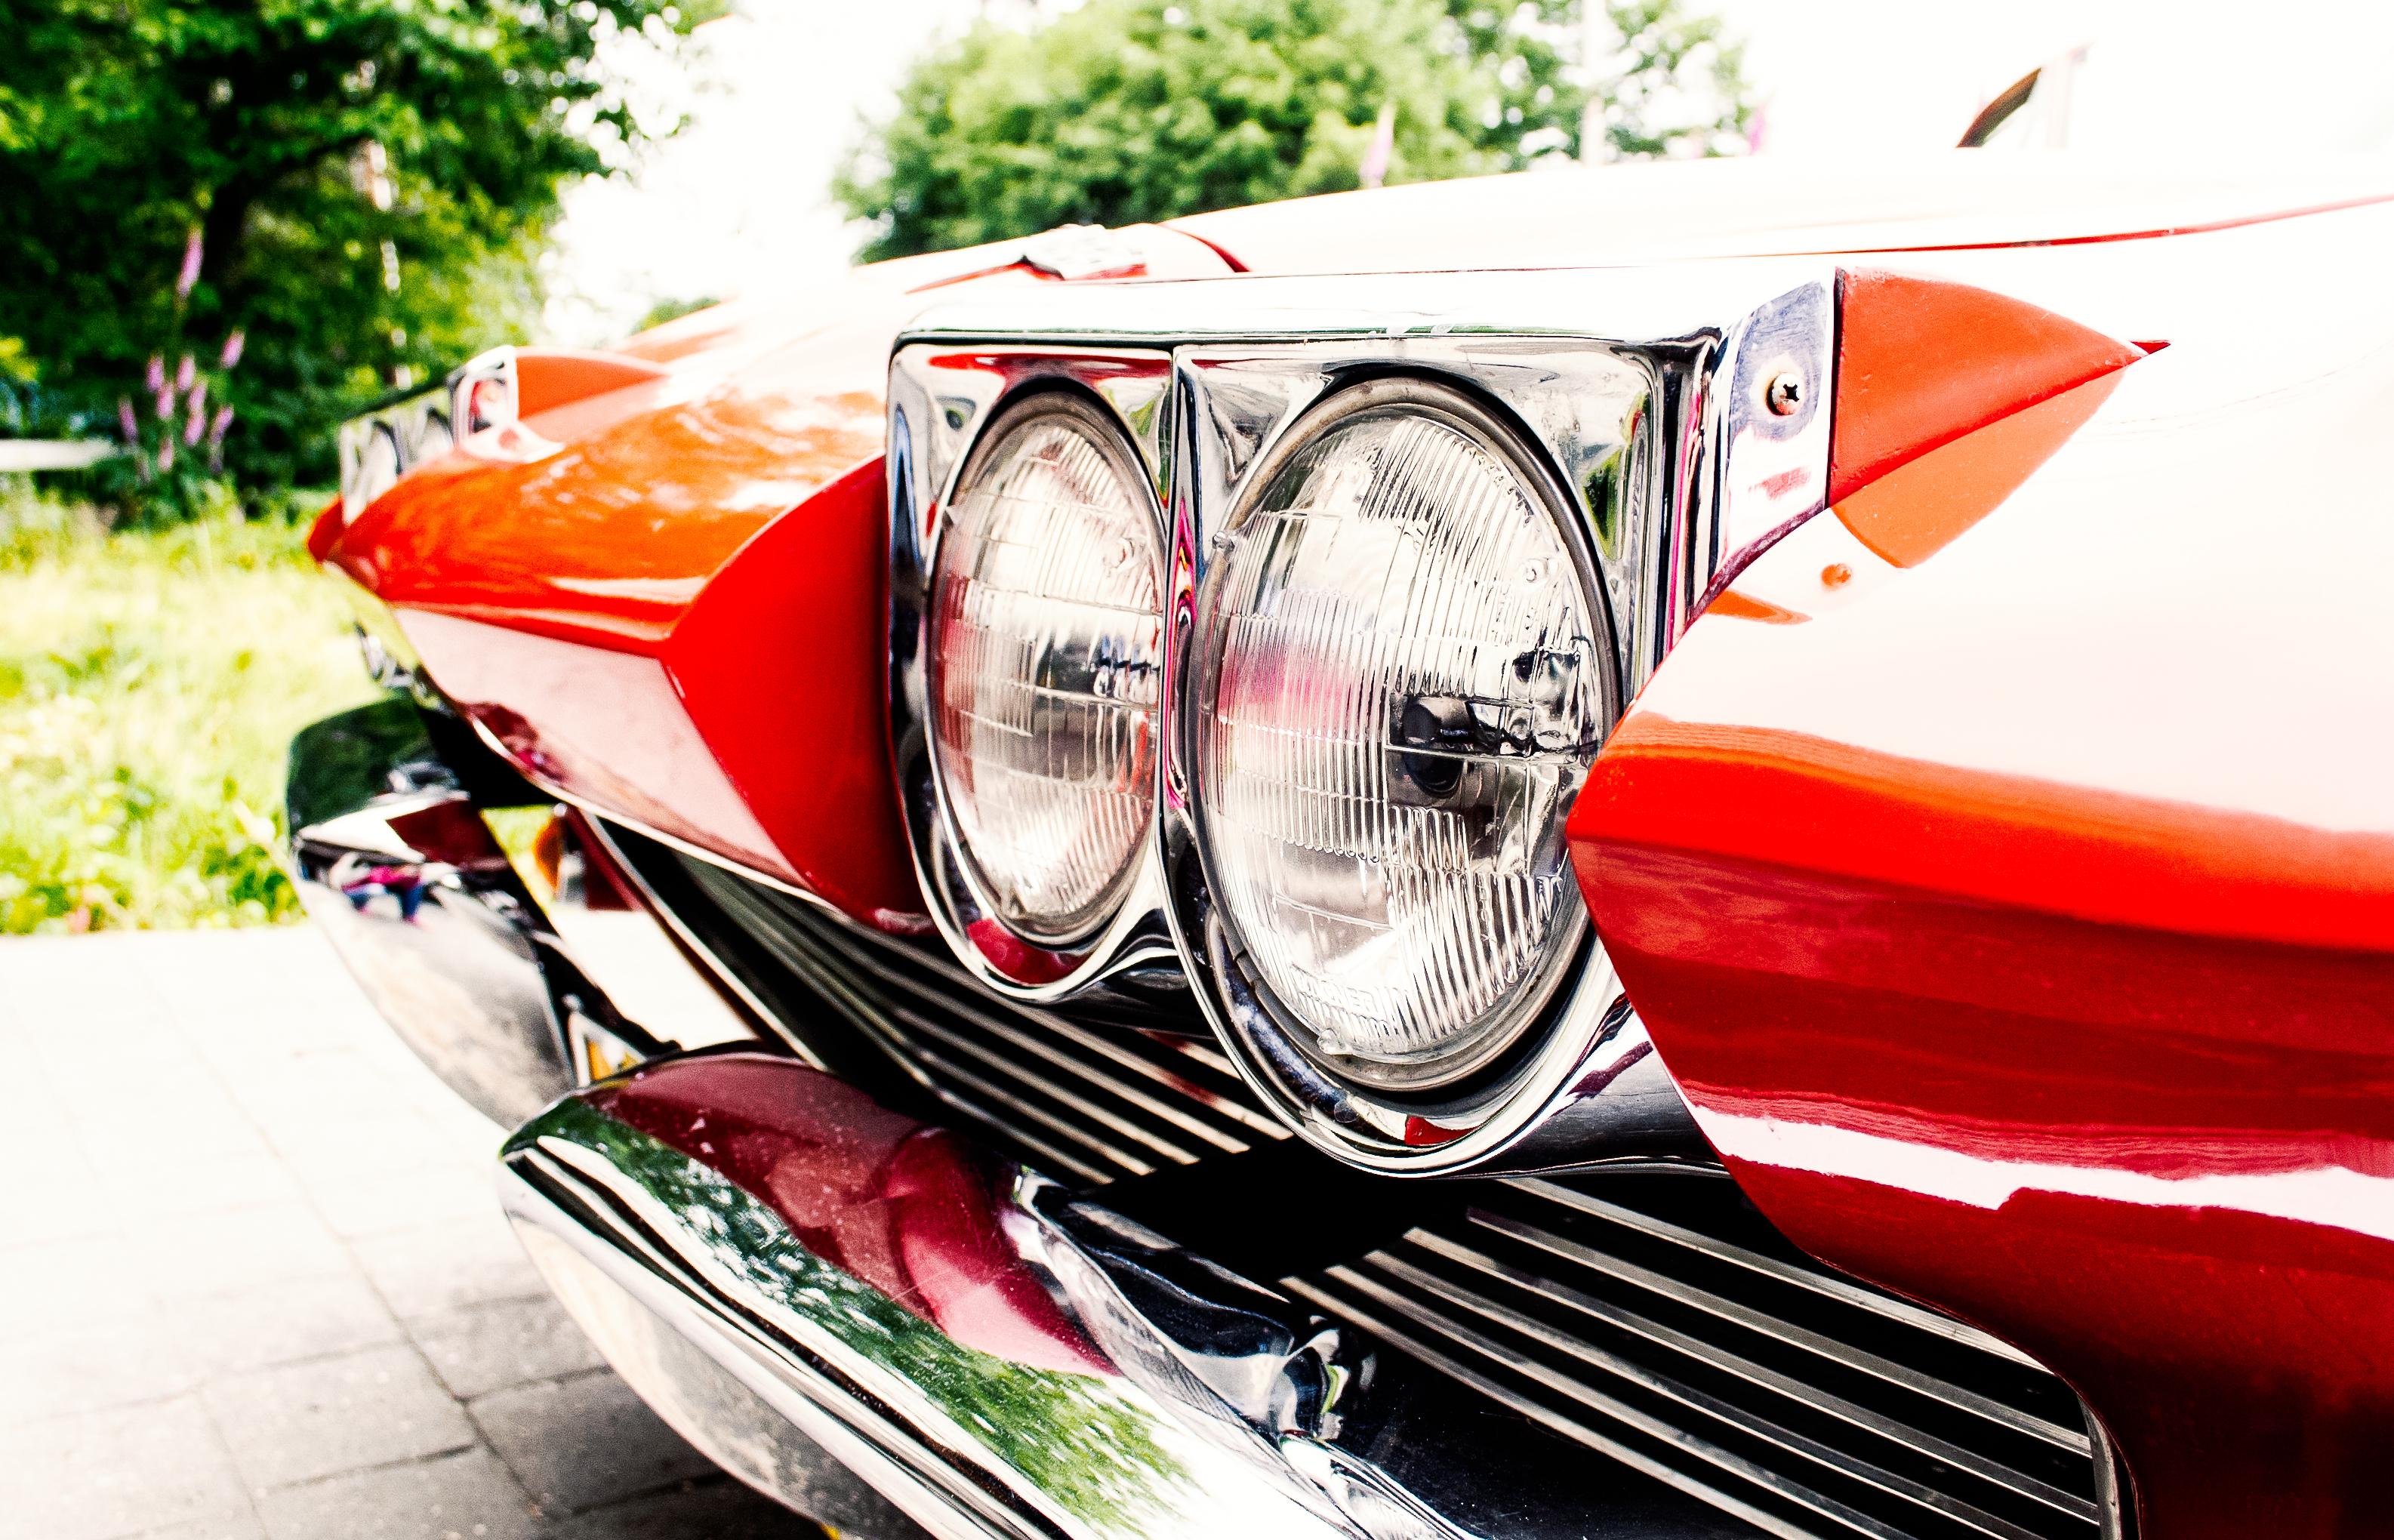 1964 Chevrolet Corvette headlights